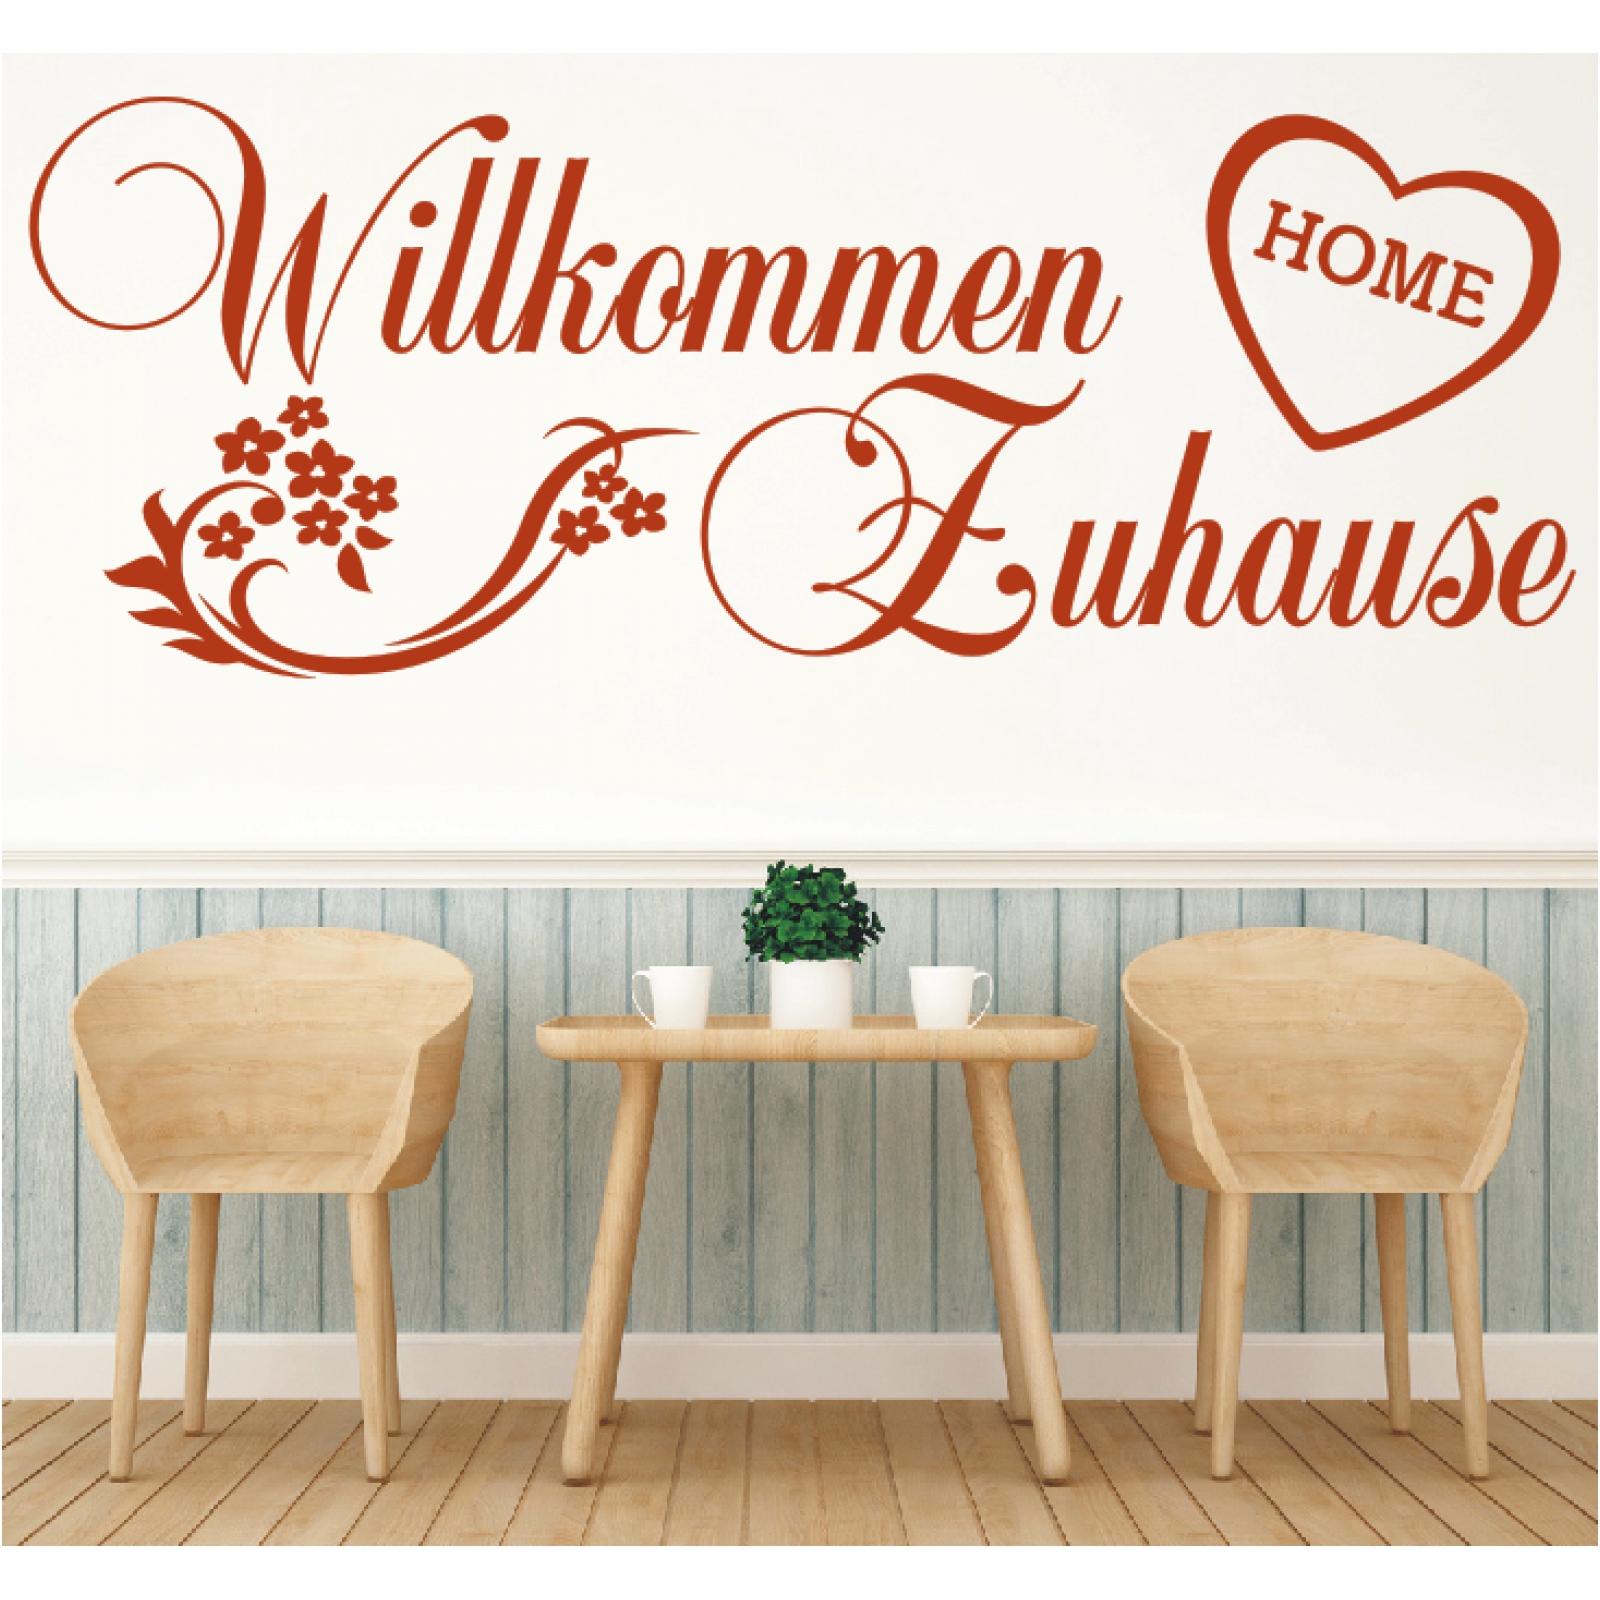 Details Zu Wandtattoo Spruch Willkommen Zuhause Welcome Aufkleber Sticker Wandaufkleber 4